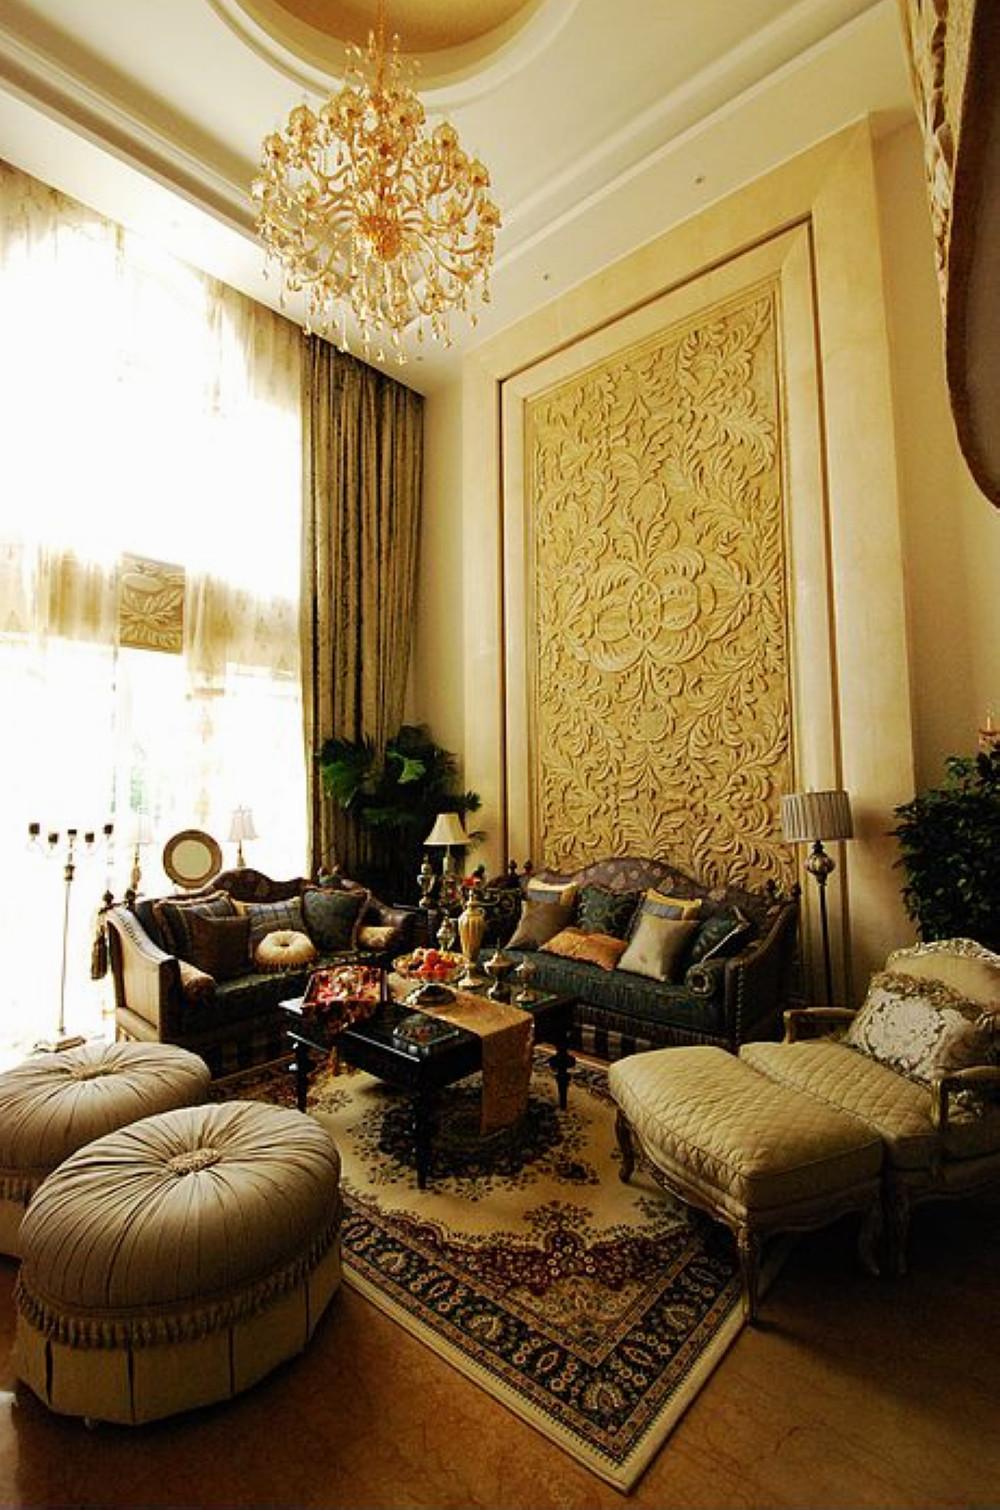 欧式别墅装修客厅装潢图